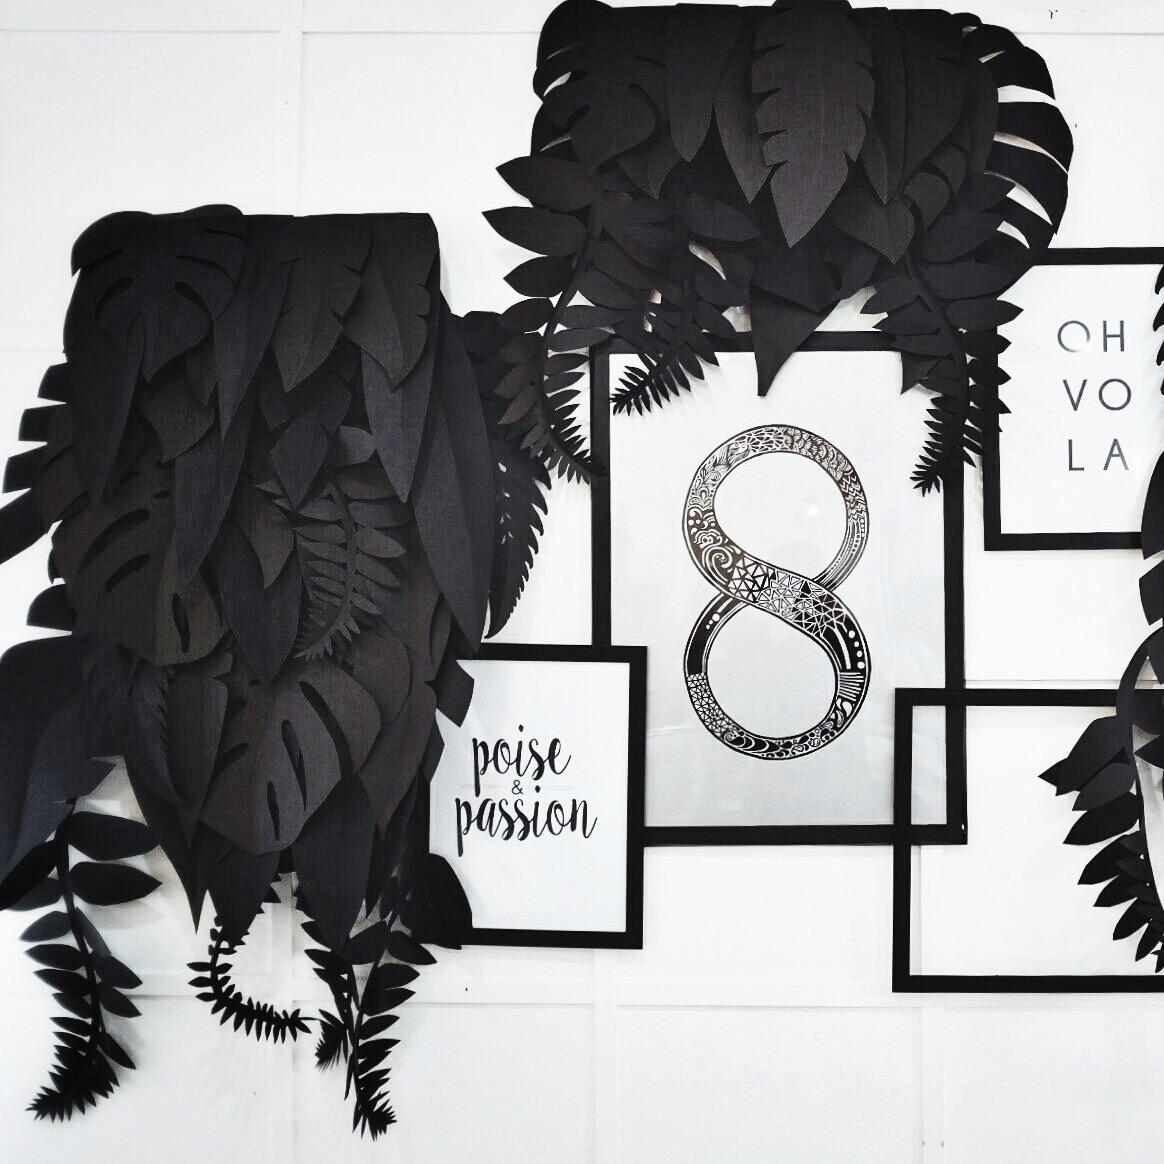 ohvola-indoor-wall2